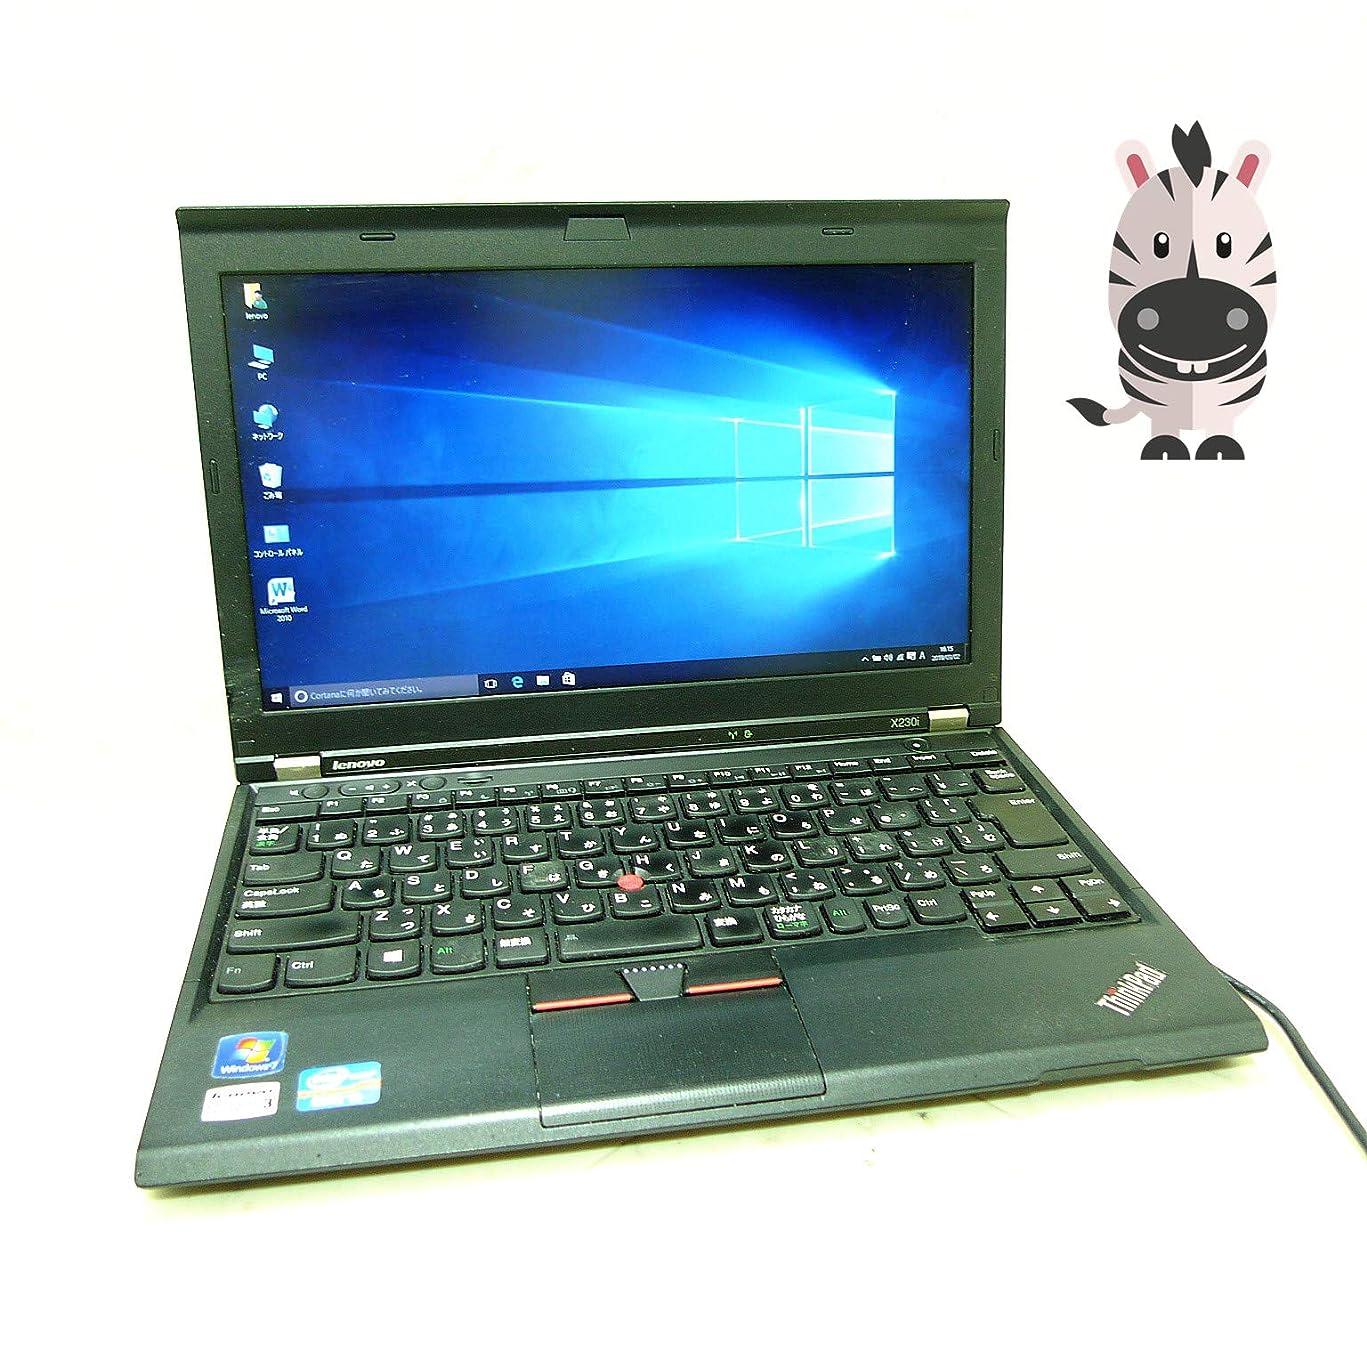 ピルファーカヌー定規ノートパソコン 中古動作良品 12.5インチ Lenovo X230i 第3世代Core i3 4GB 320G 無線LAN Wi-Fi Windows10 Office2013 即使用可